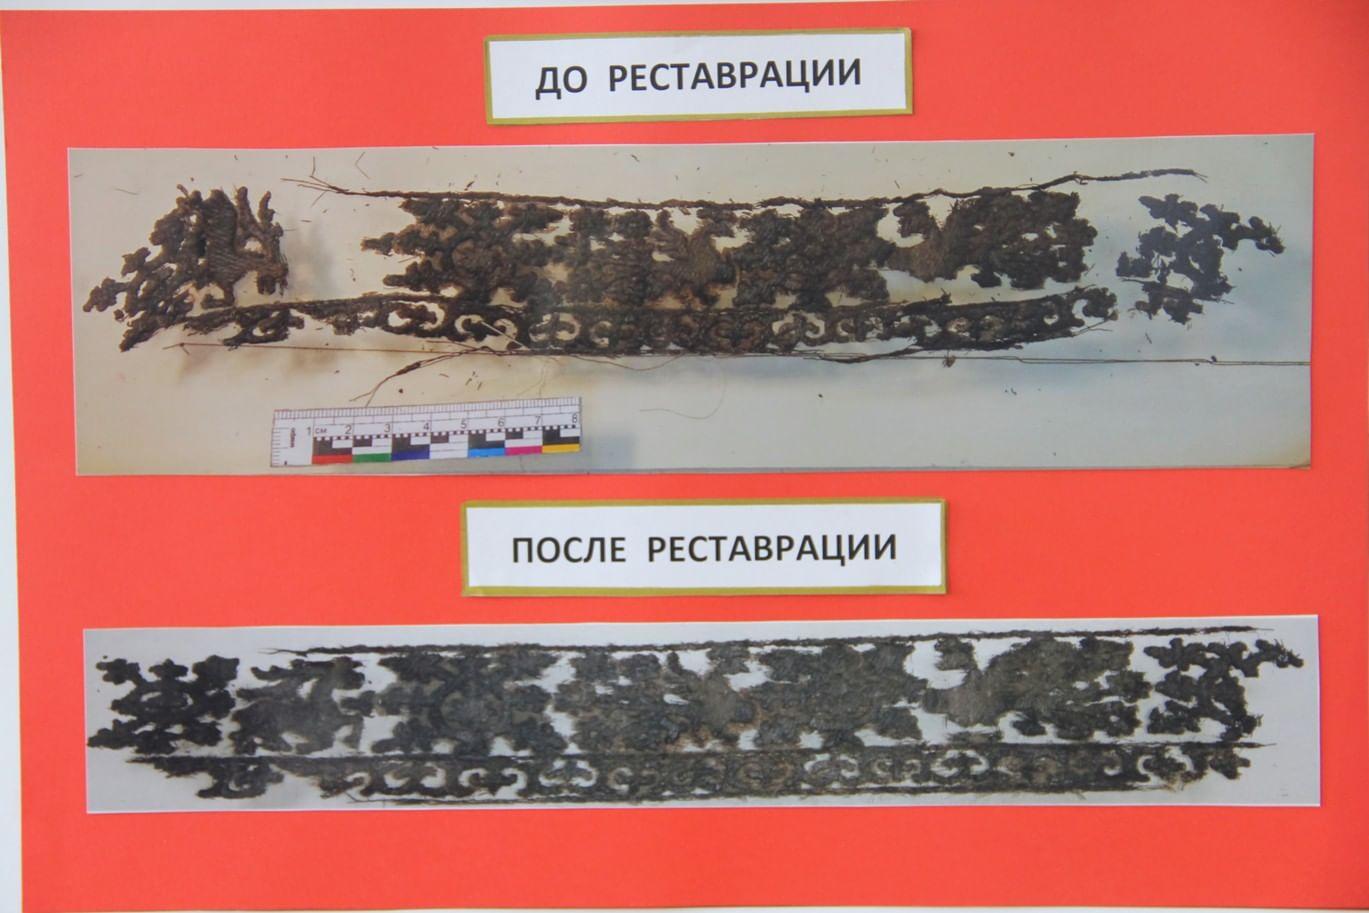 Реставрация орнамента. Фотографии ВХНРЦ им. И.Э.Грабаря